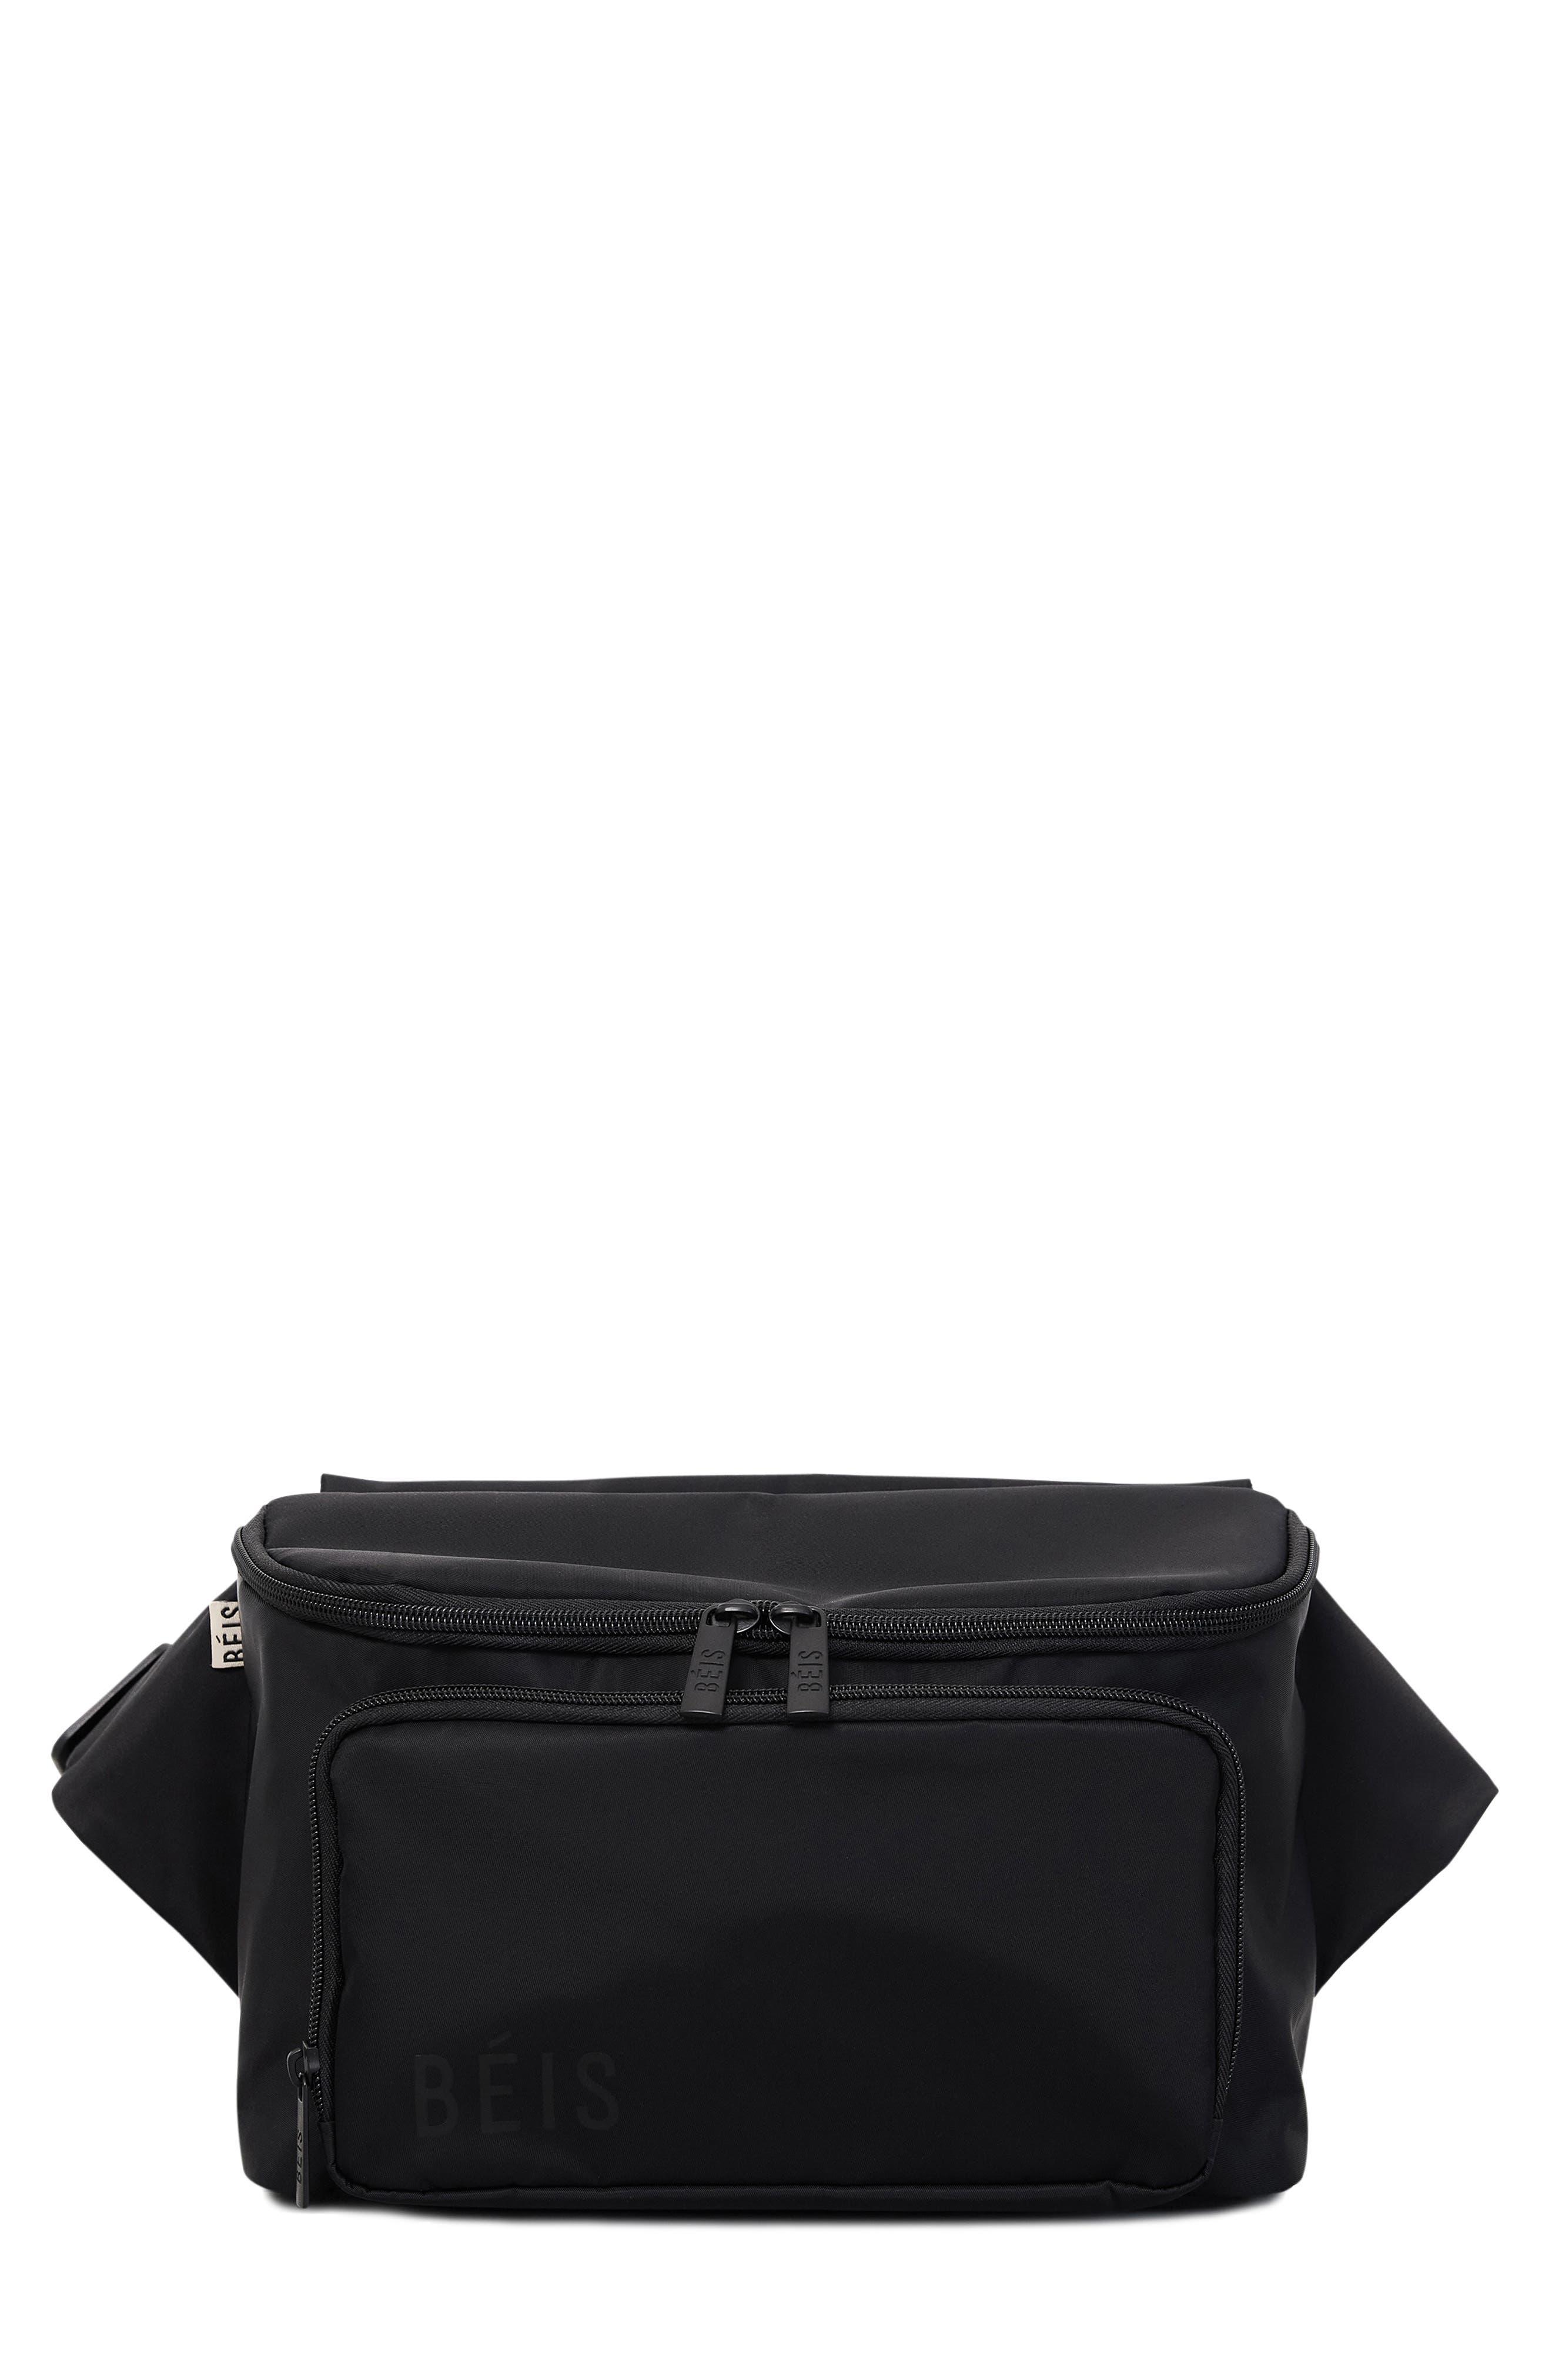 The Diaper Belt Bag